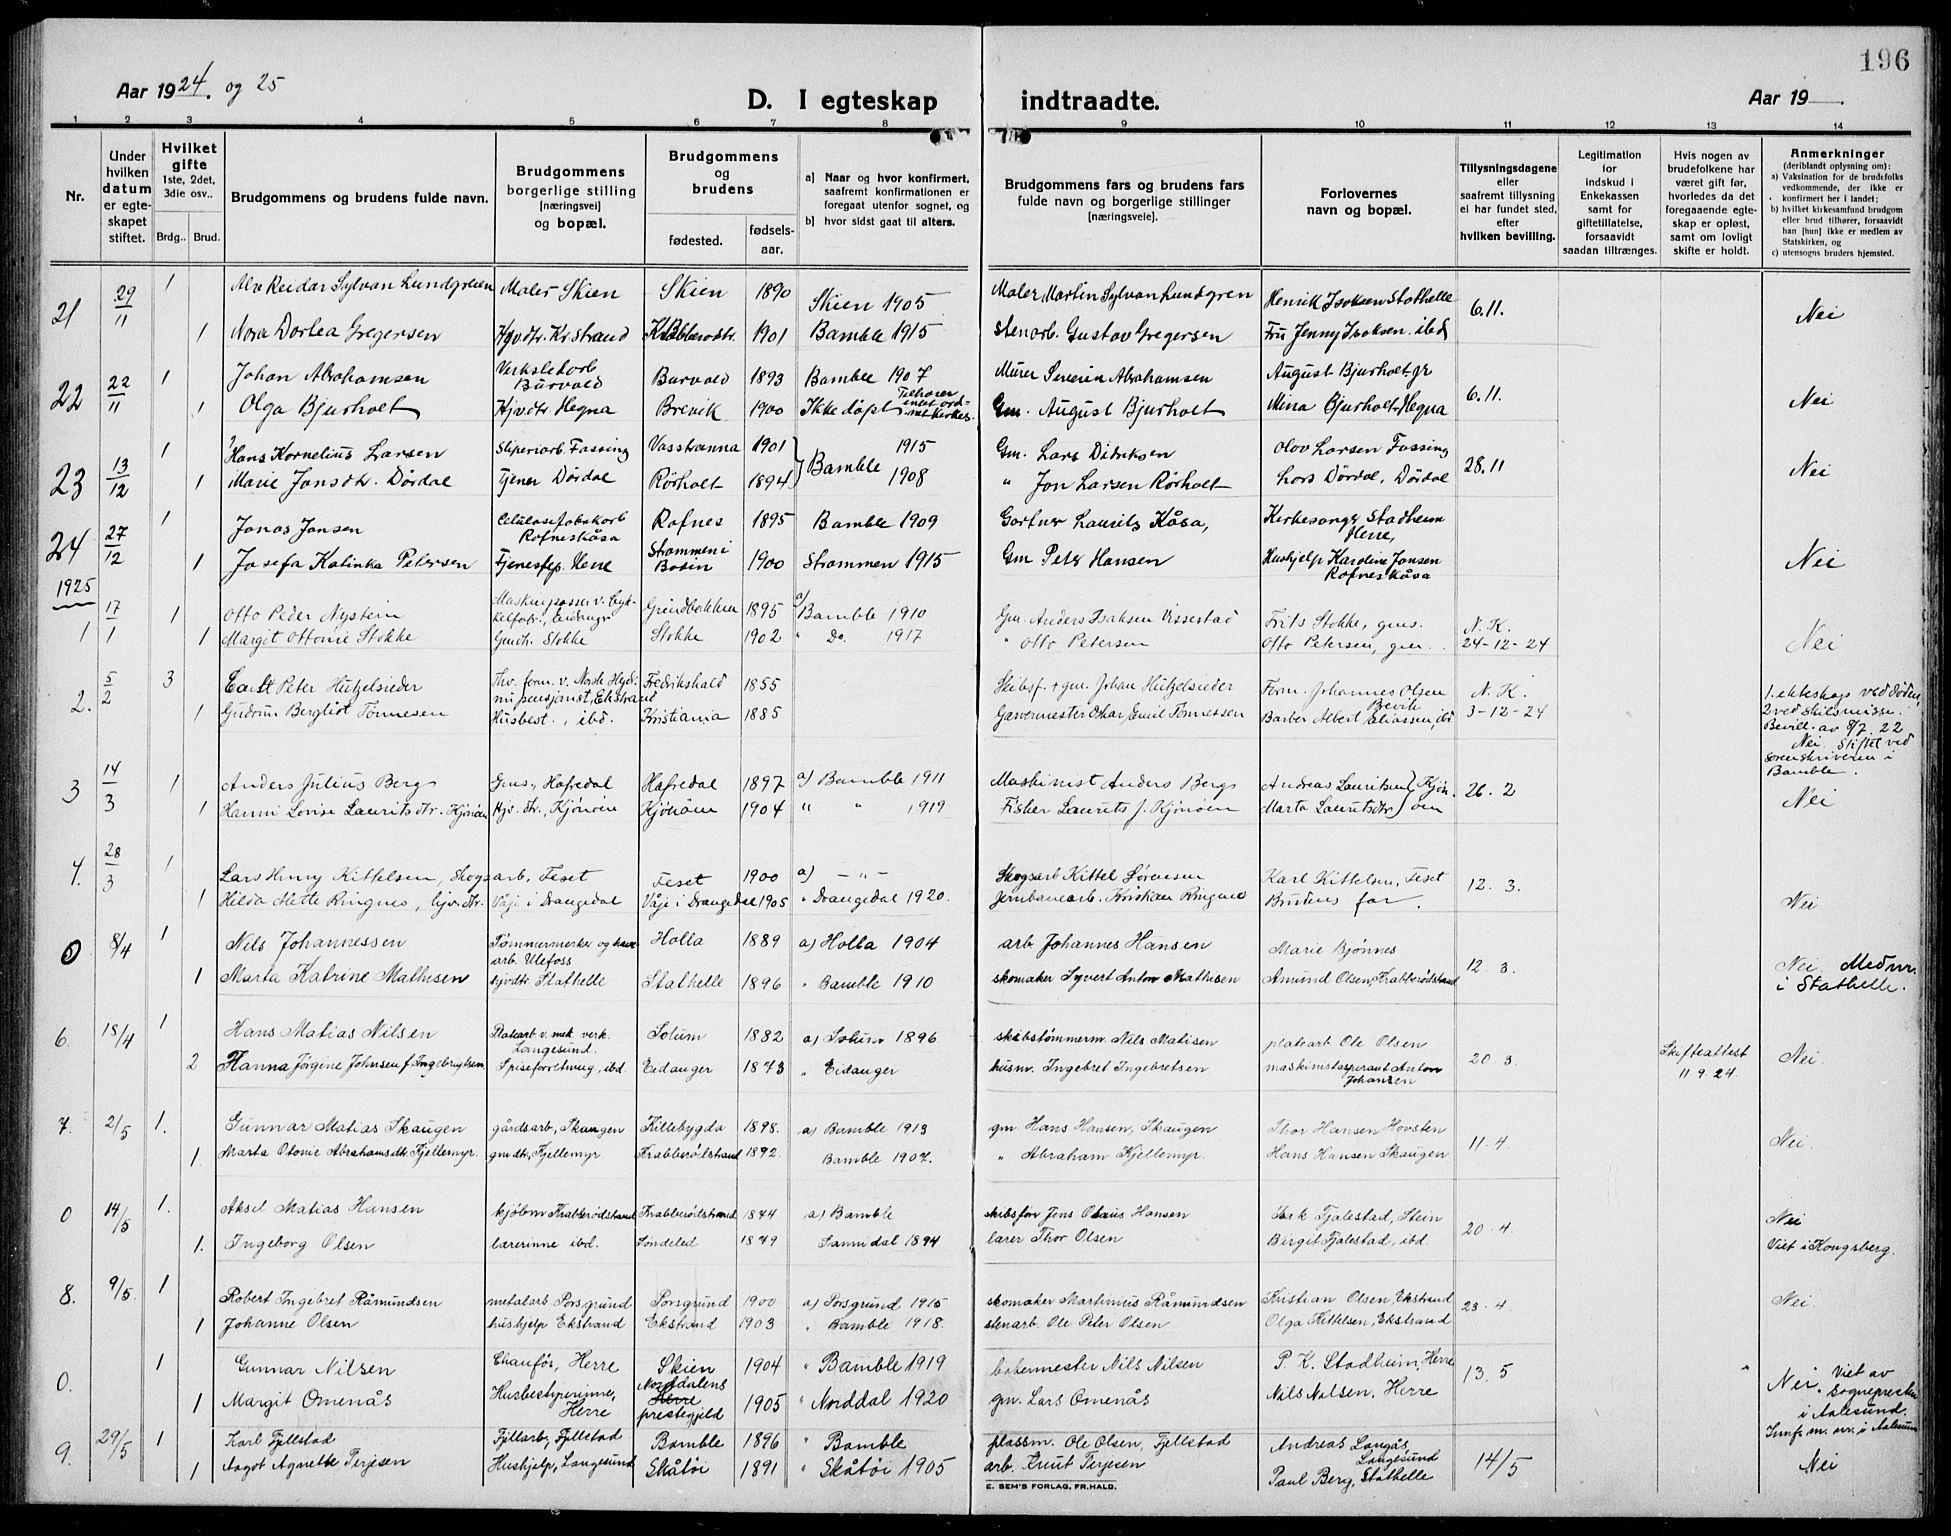 SAKO, Bamble kirkebøker, G/Ga/L0011: Klokkerbok nr. I 11, 1920-1935, s. 196